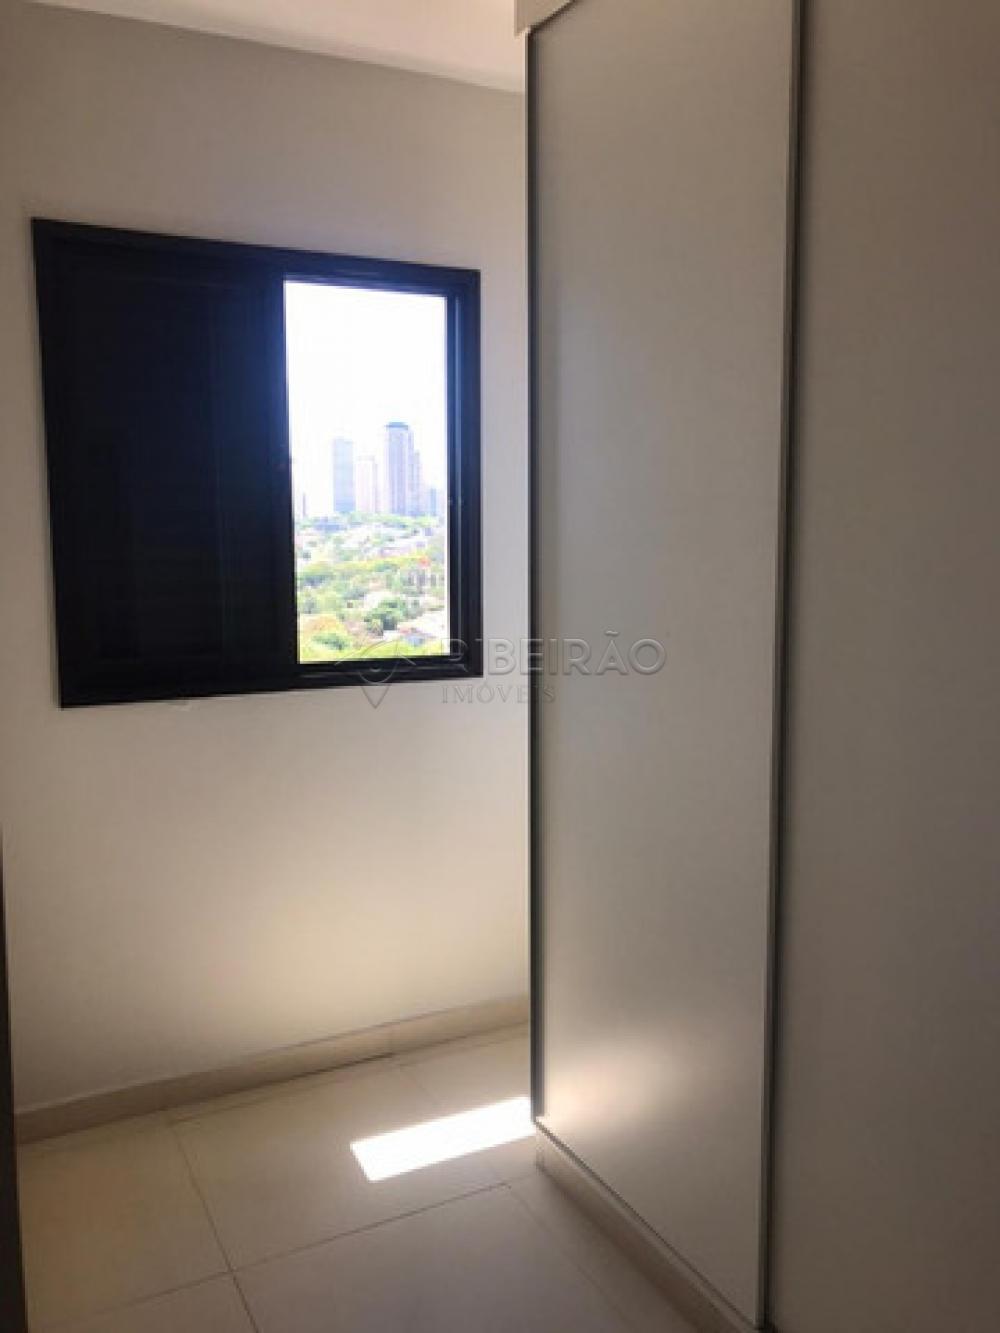 Comprar Apartamento / Padrão em Ribeirão Preto apenas R$ 479.000,00 - Foto 7